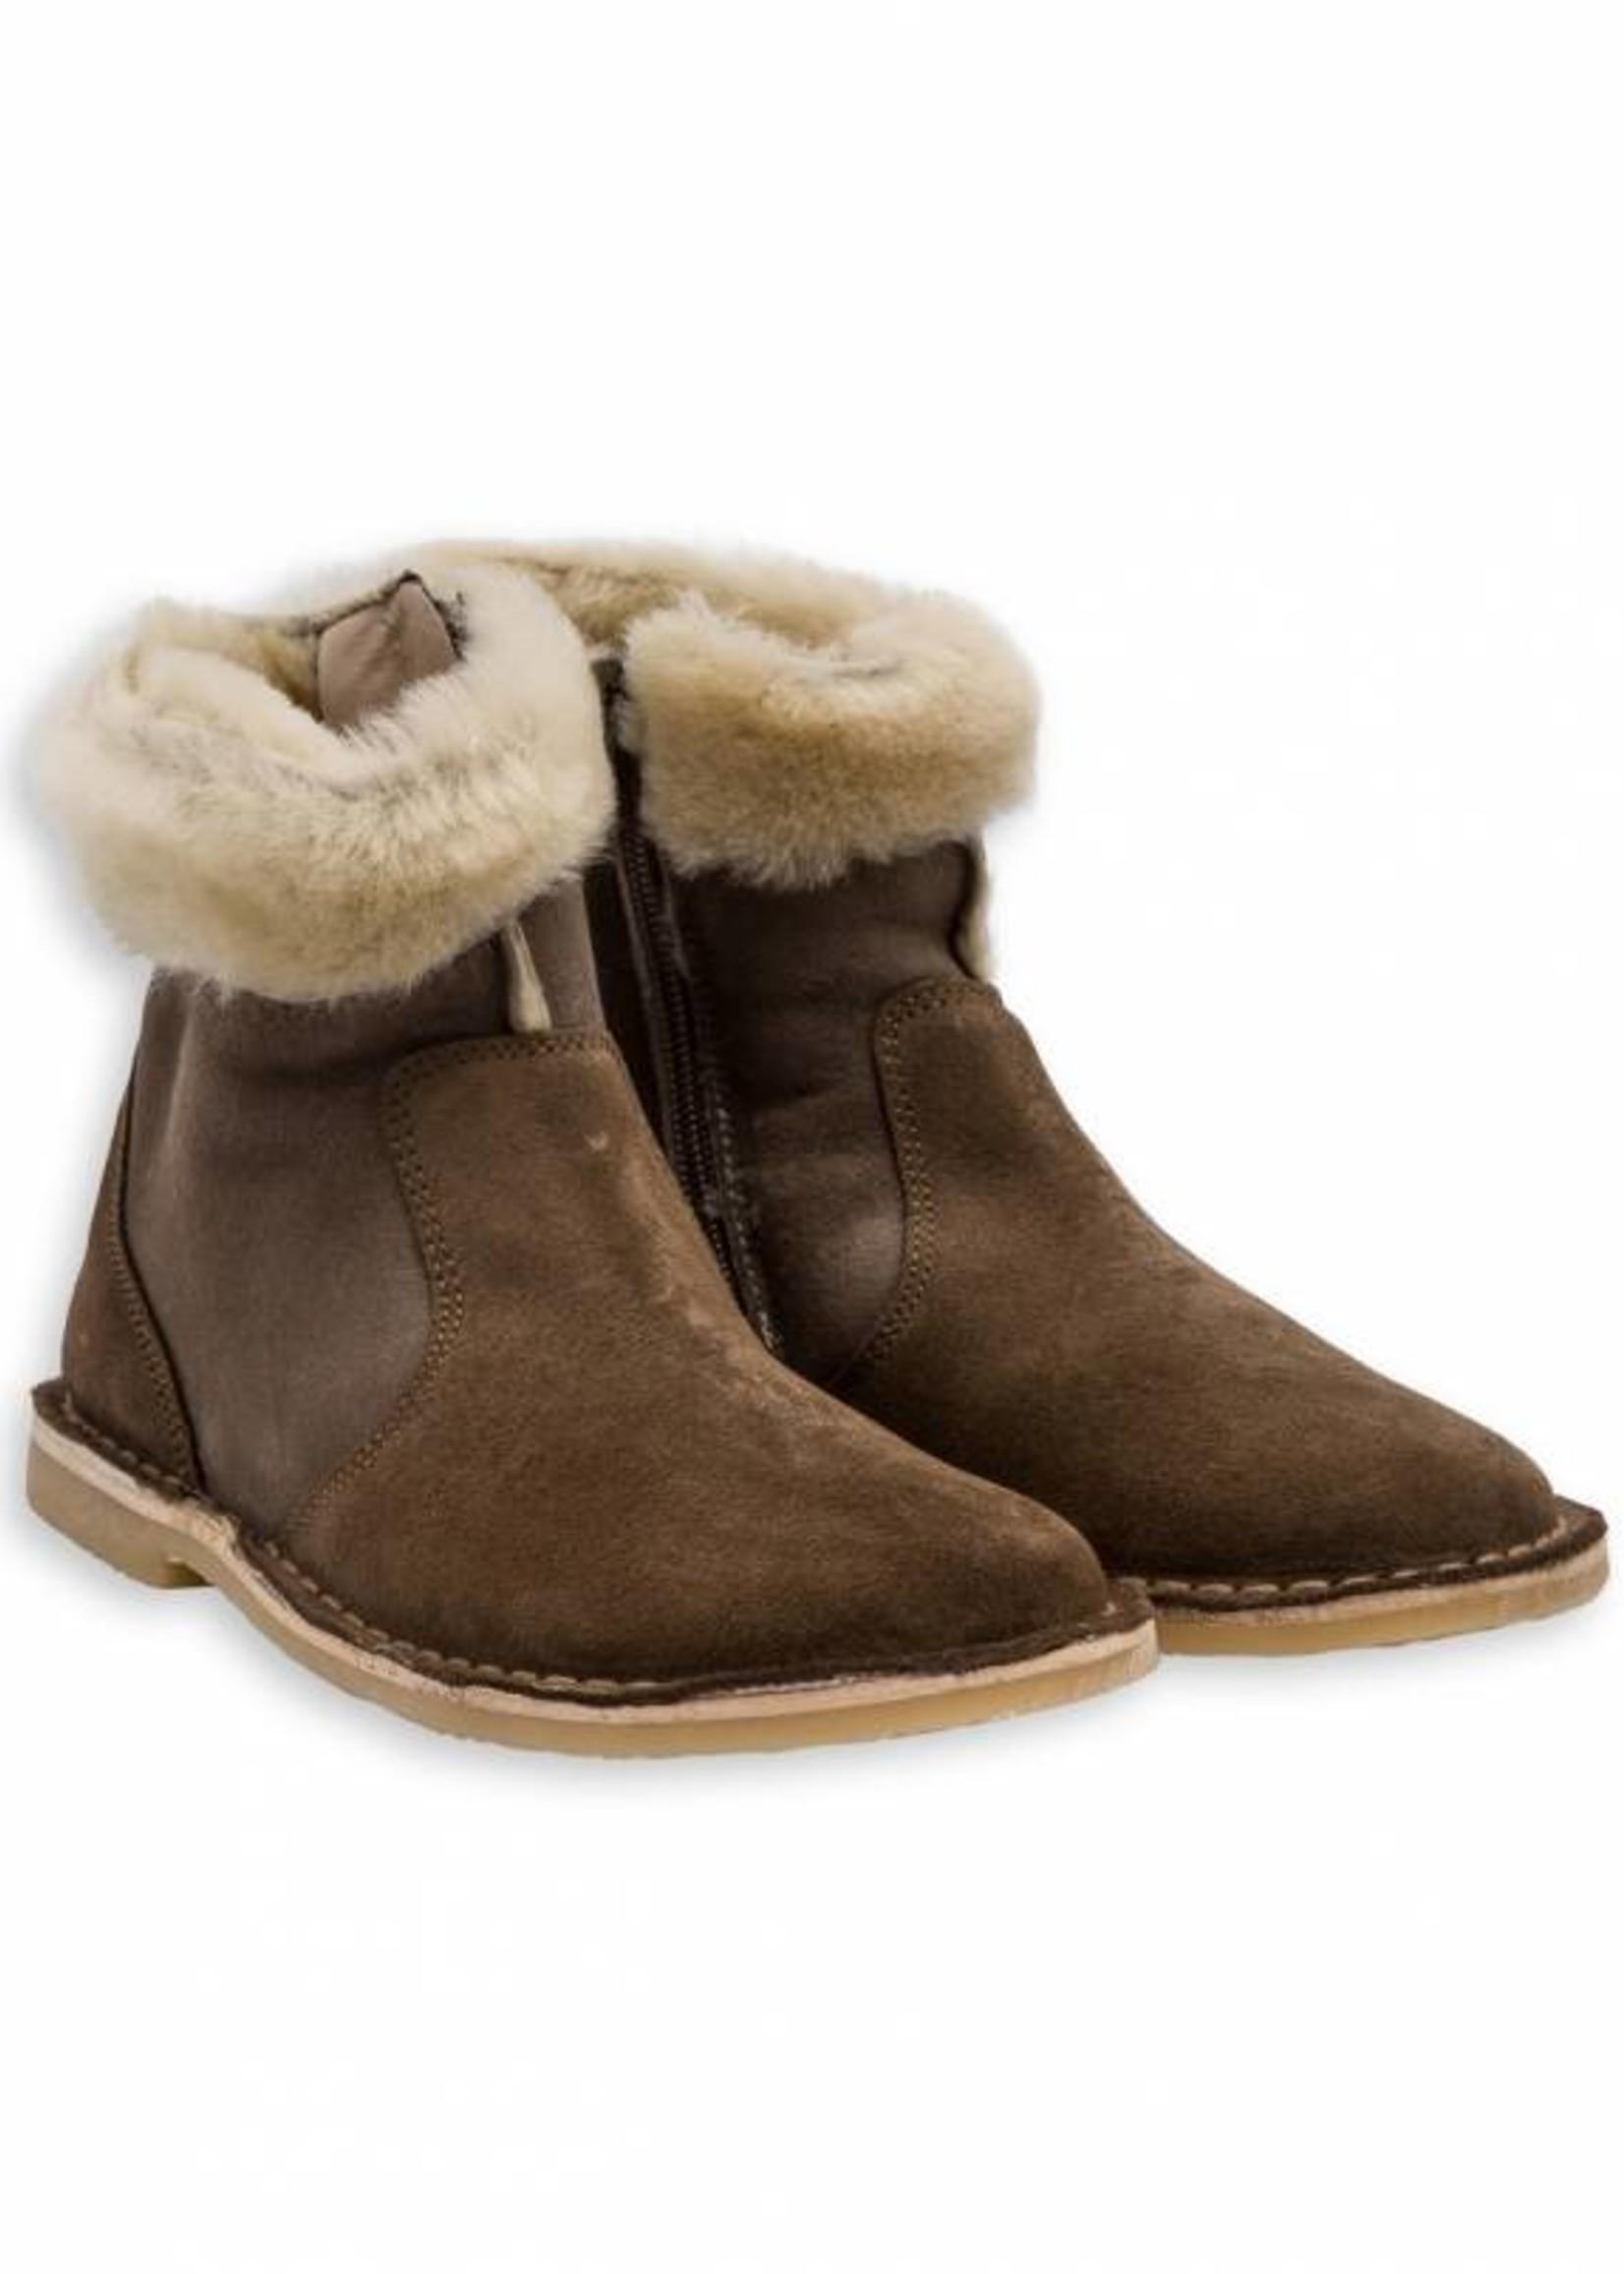 Bonton Bonton Sheep Boots